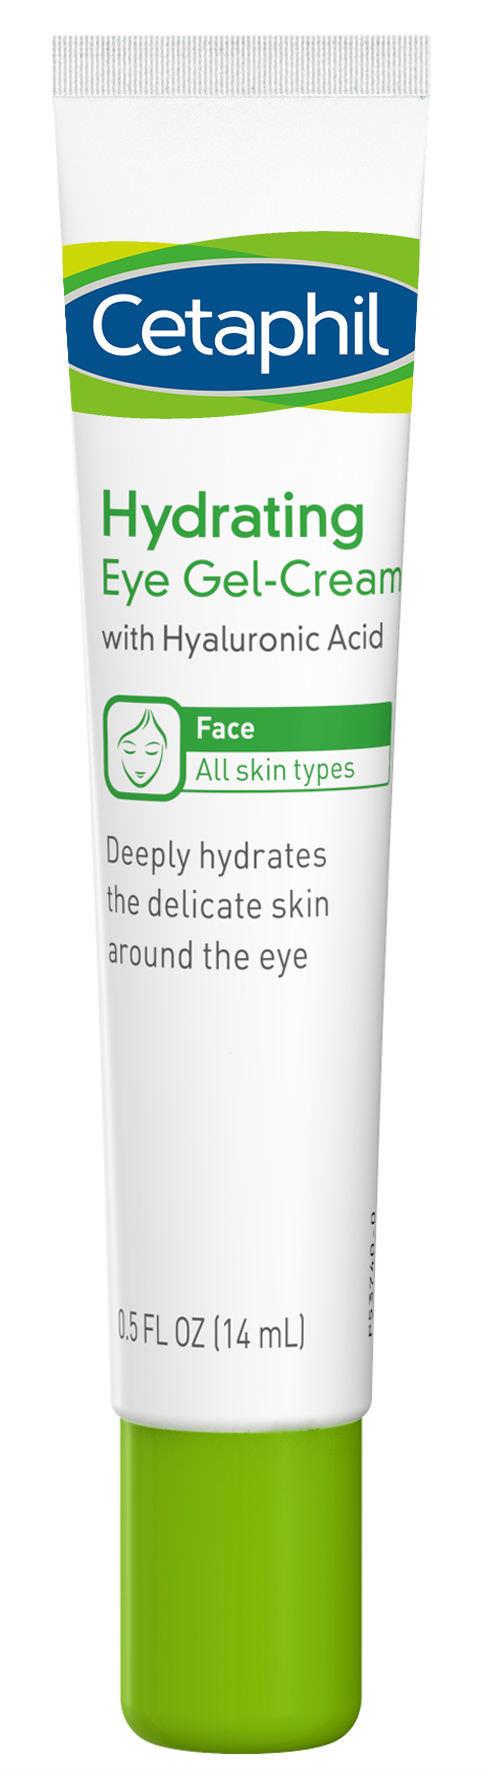 Ceratphil Hydrating Eye Gel Cream